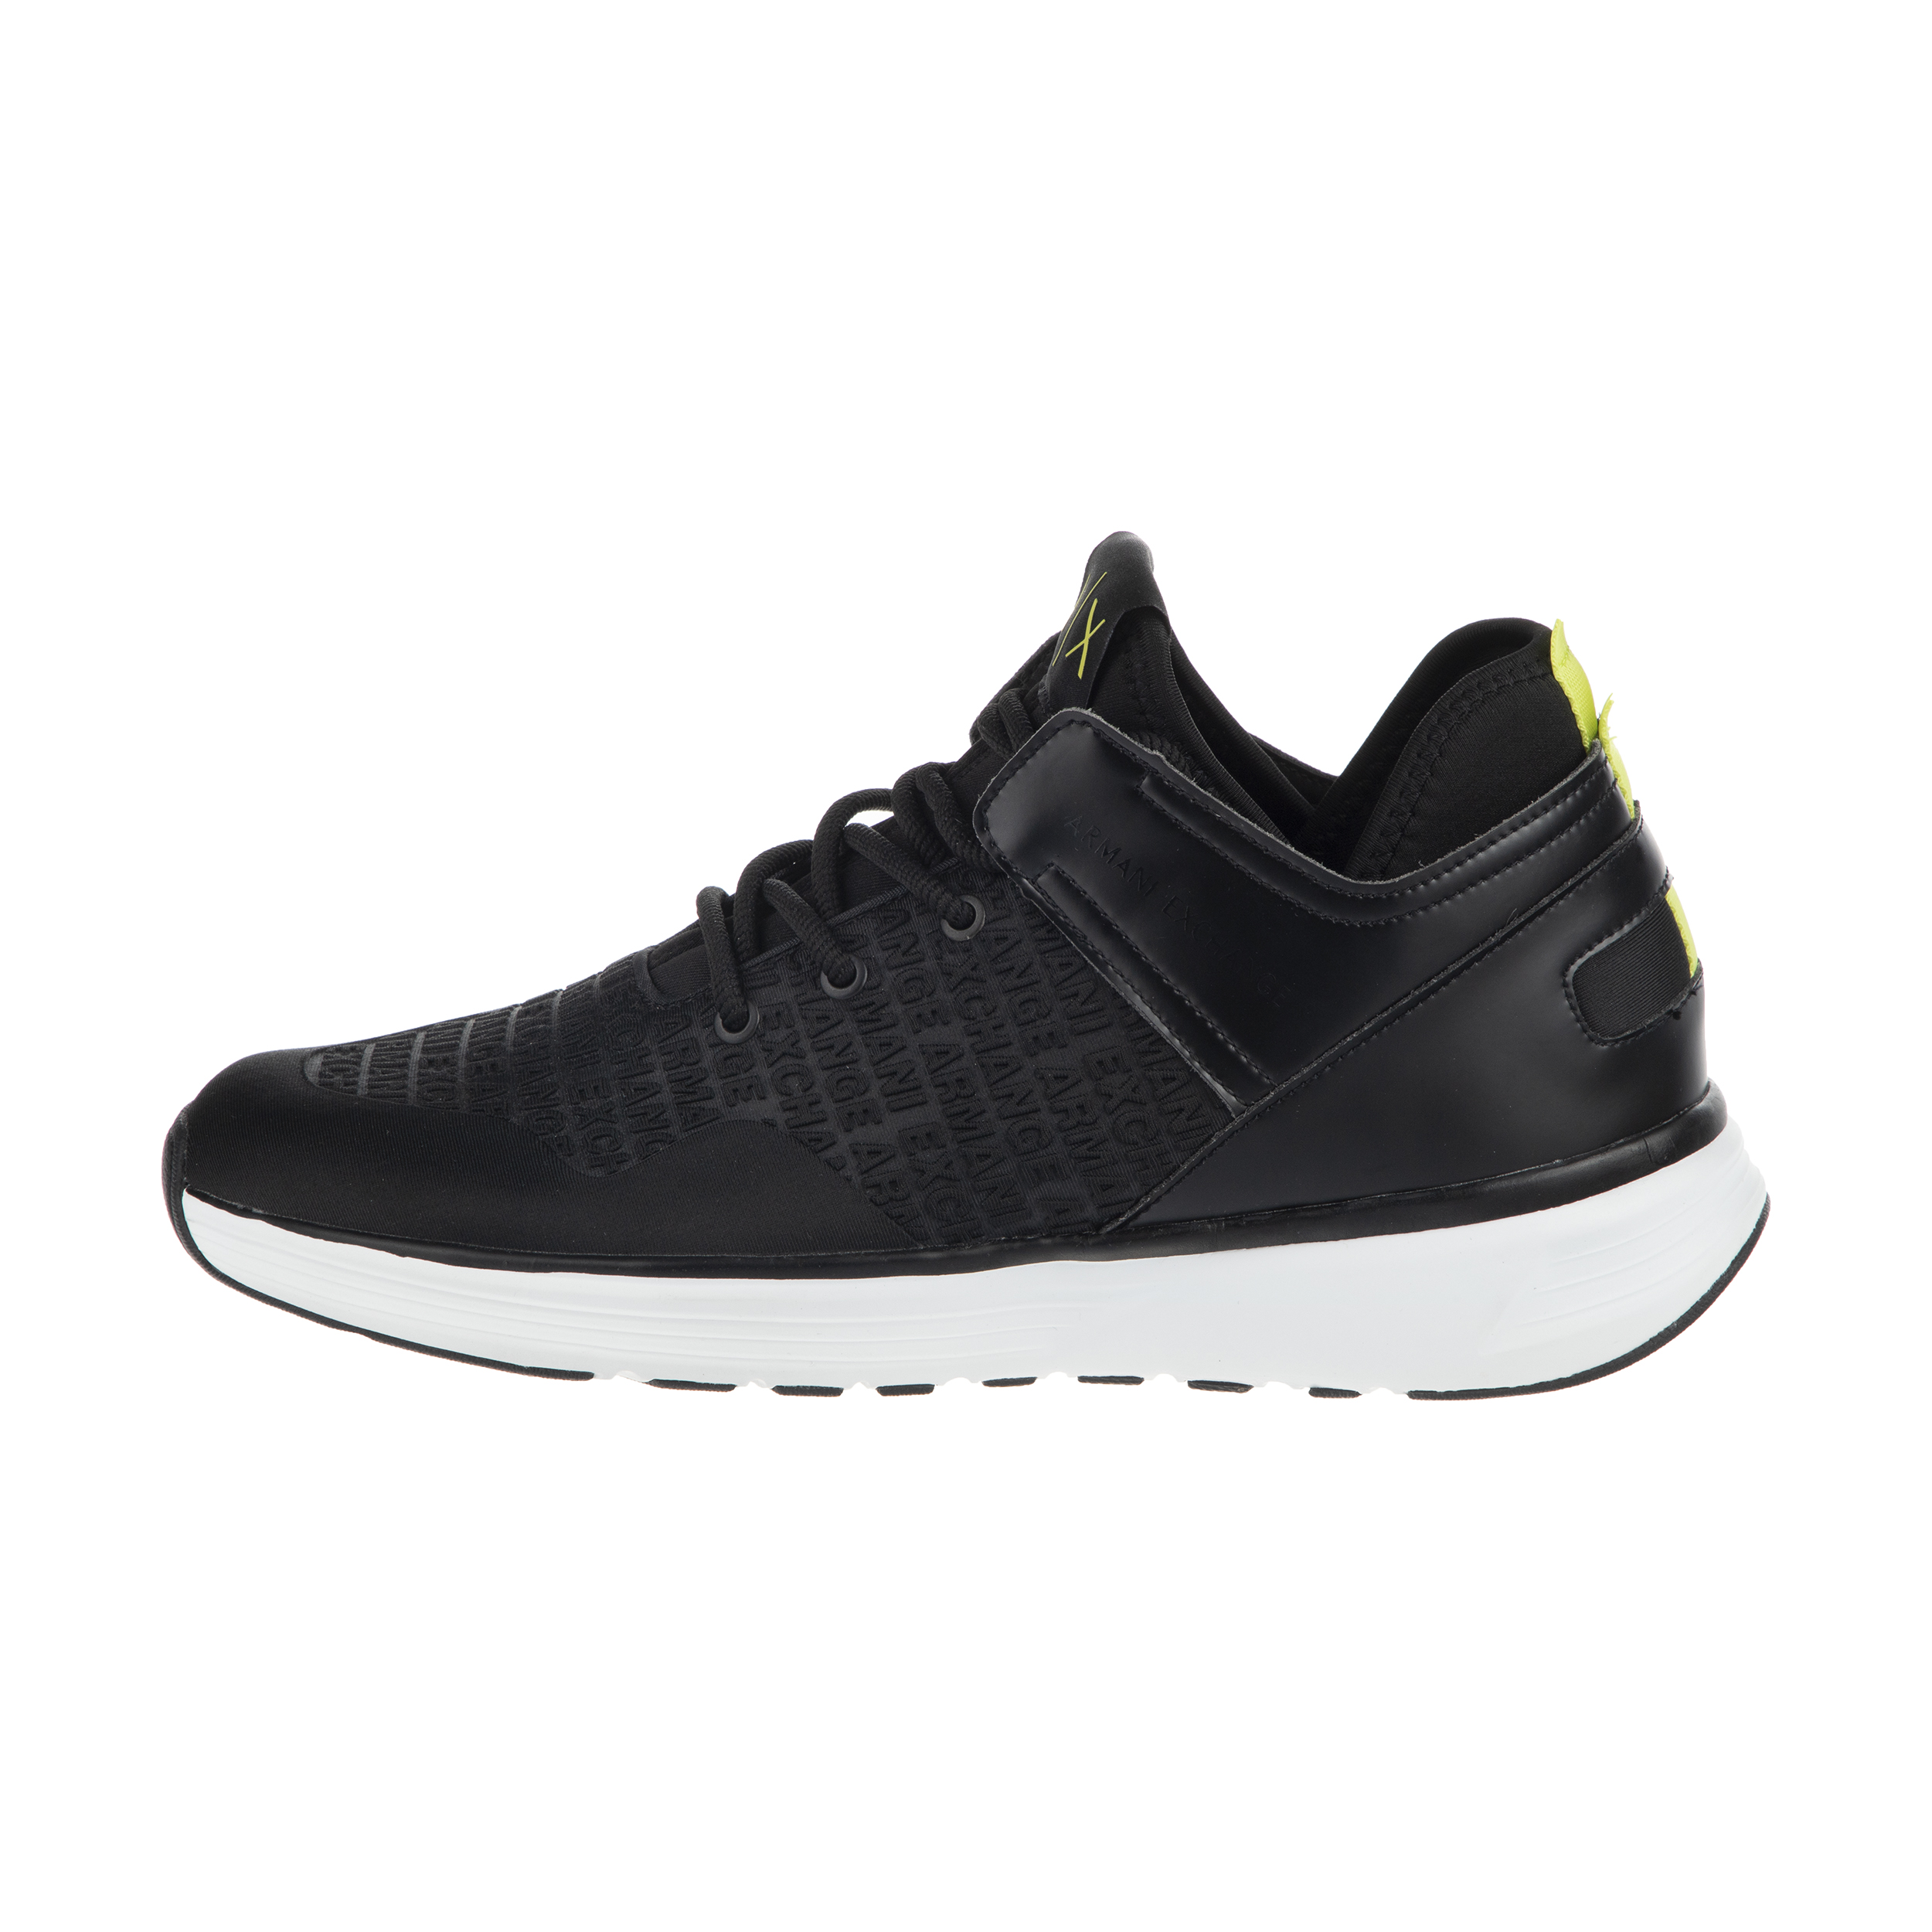 قیمت خرید کفش مخصوص پیاده روی مردانه آرمانی اکسچنج مدل XUX023XV033-00002 اورجینال